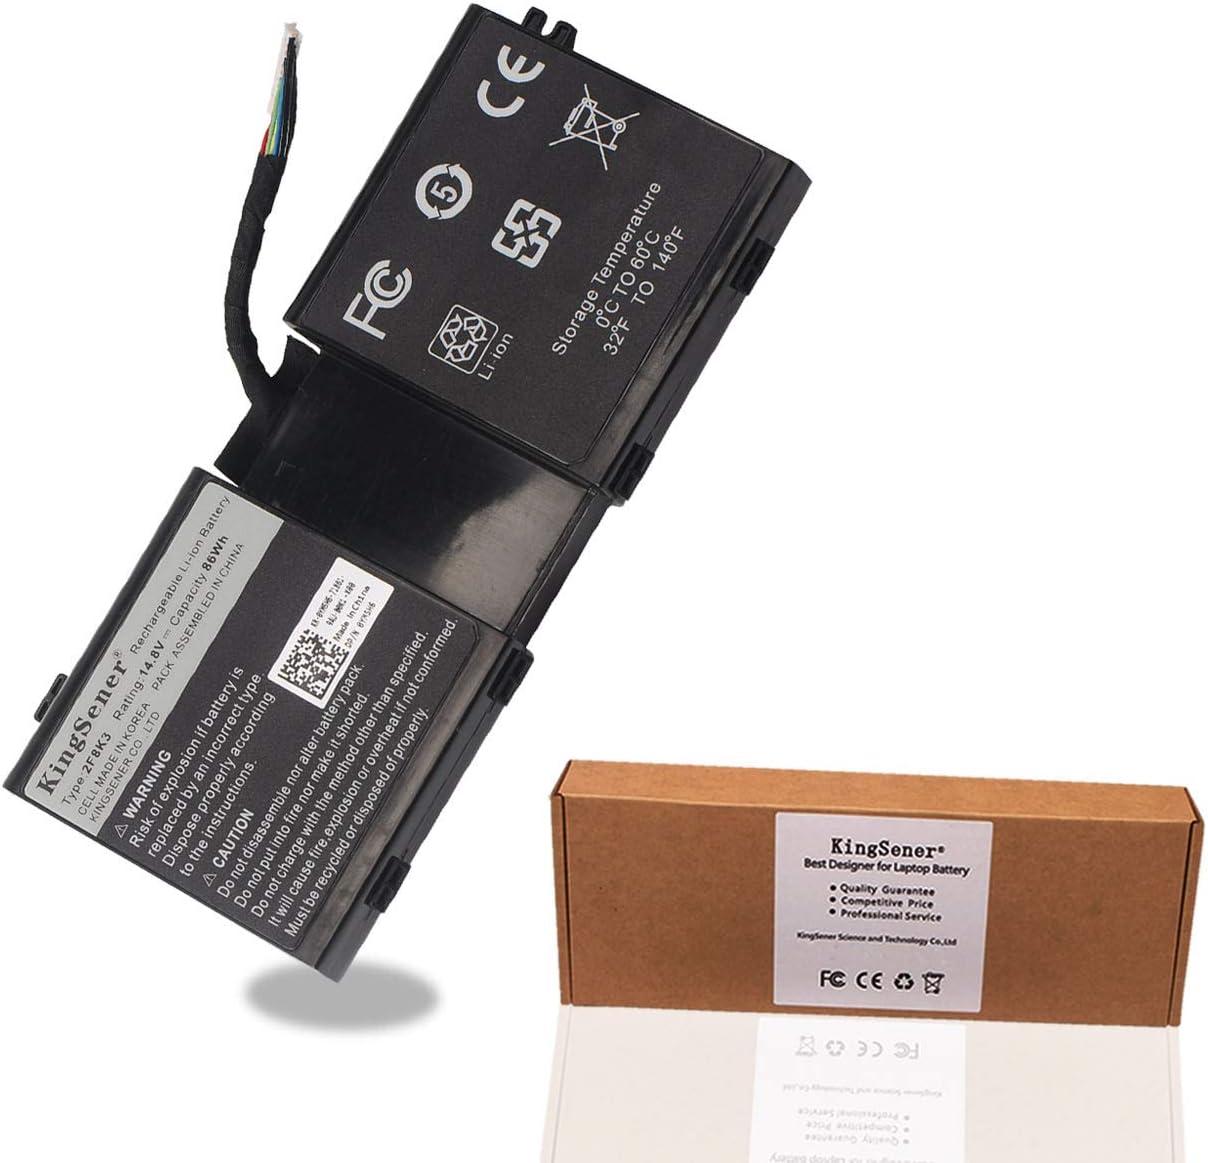 KingSener 2F8K3 Laptop Battery for DELL Alienware 17 18 M17X R5 M18X R1 2F8K3 0KJ2PX KJ2PX G33TT 14.8V 86WH